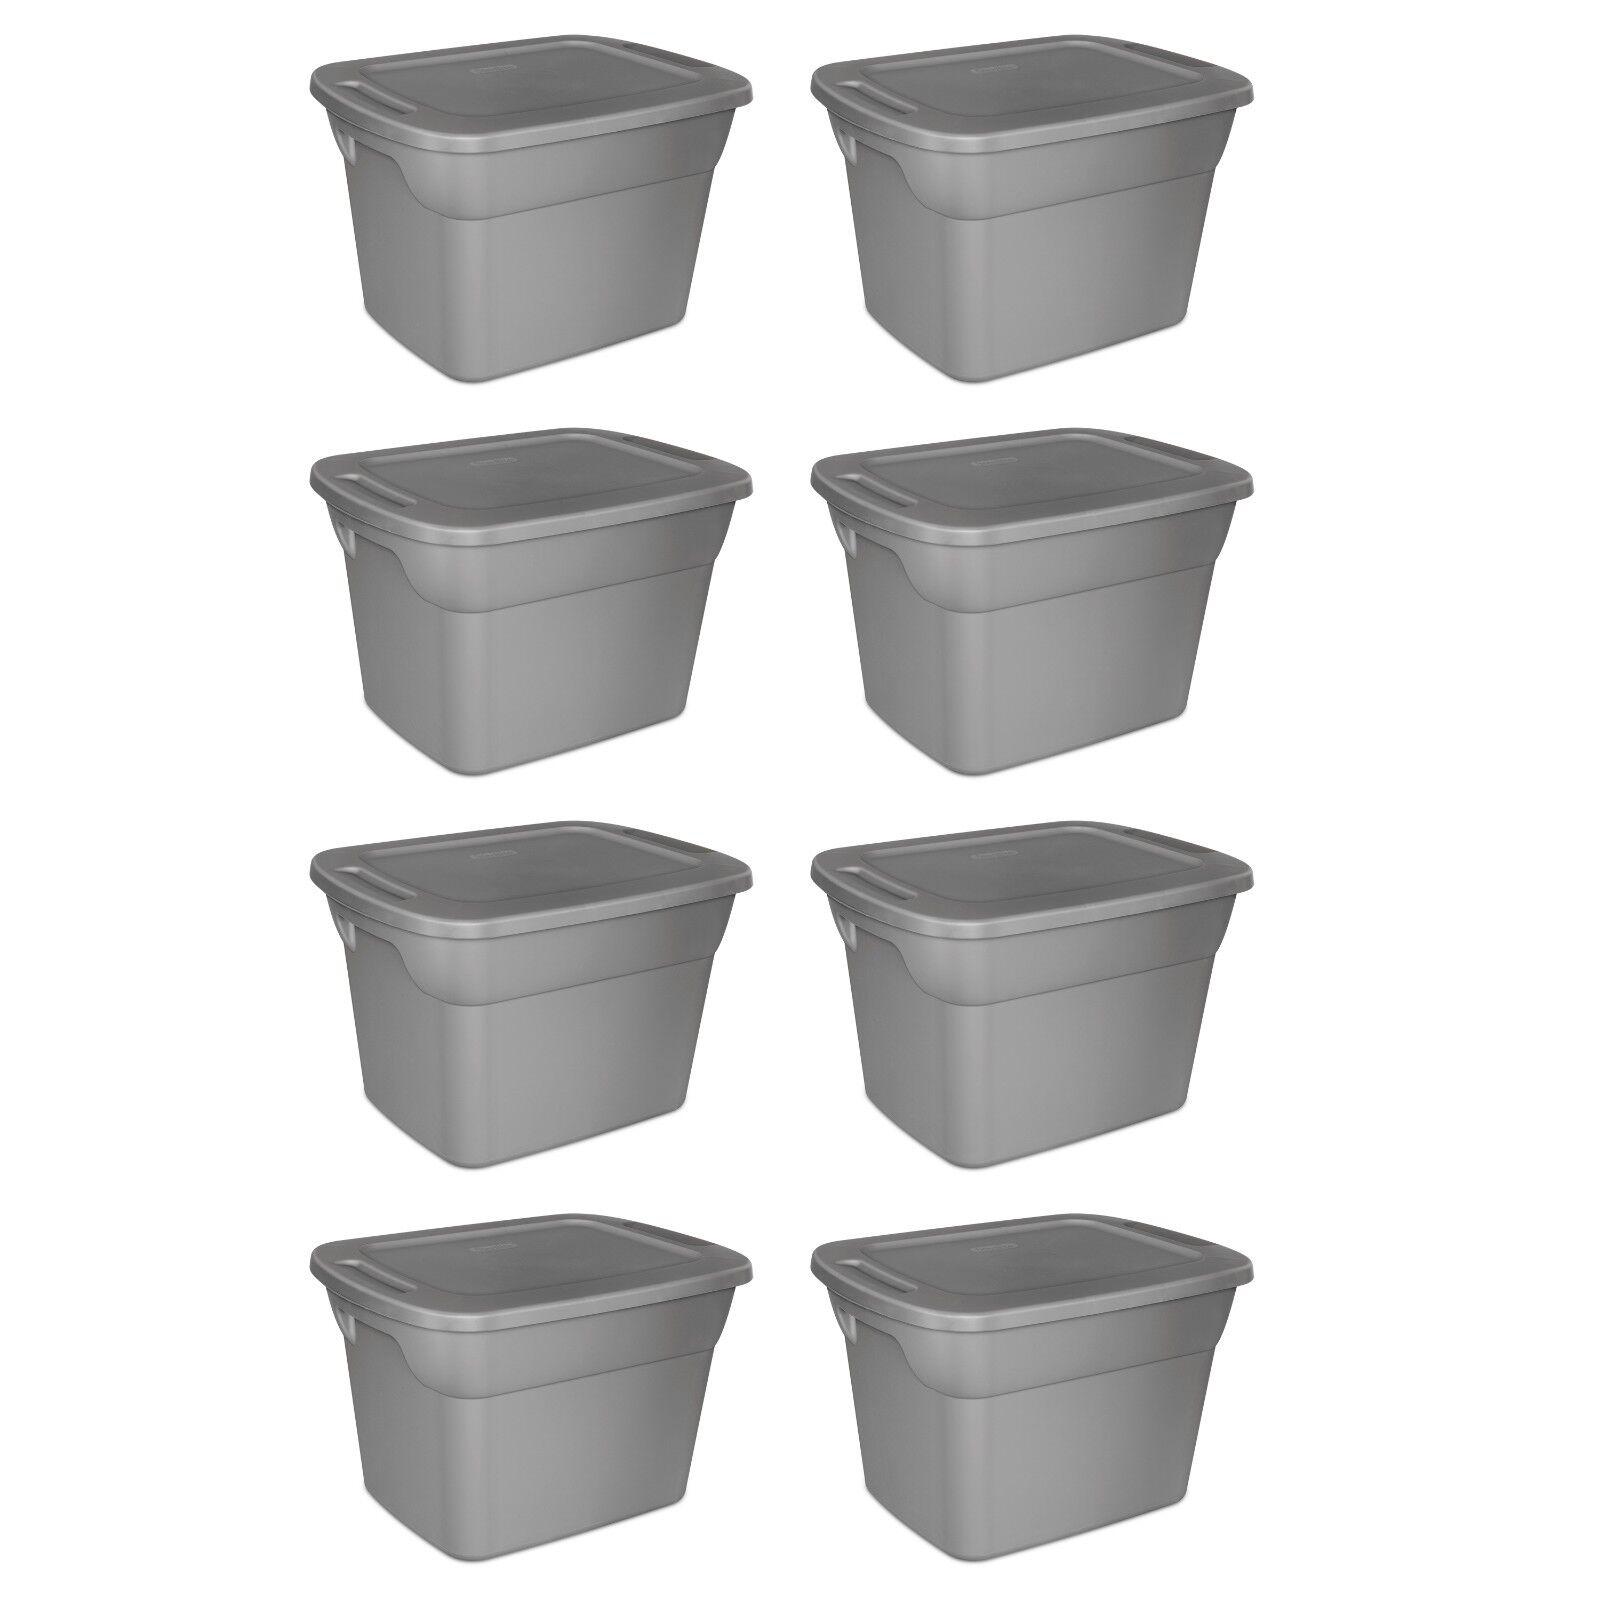 8 Plastic Storage Containers Box Sterilite 18-Gallon Stackab